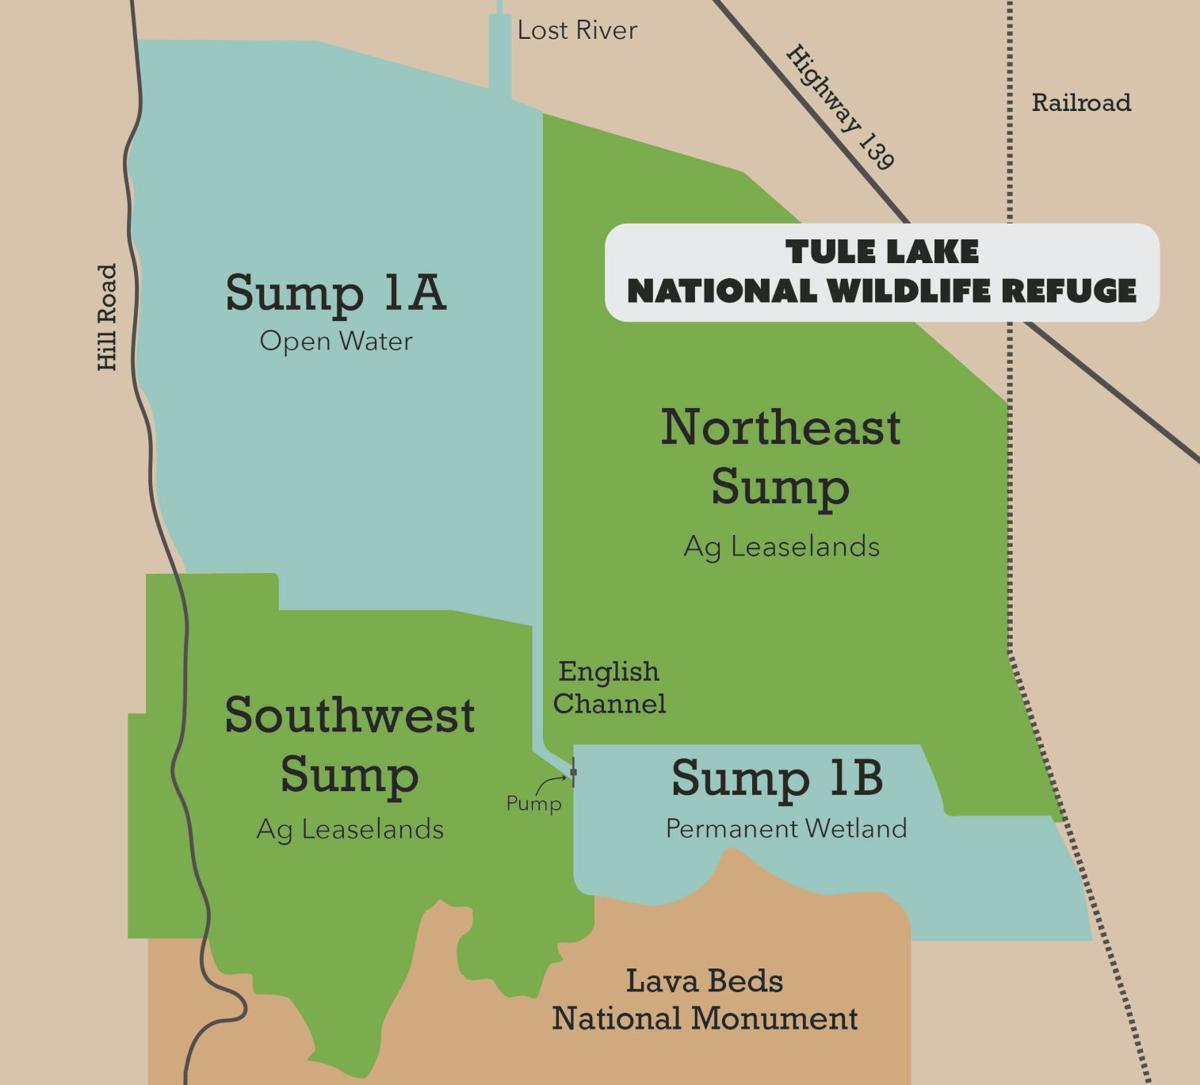 Tule Lake National Wildlife Refuge map